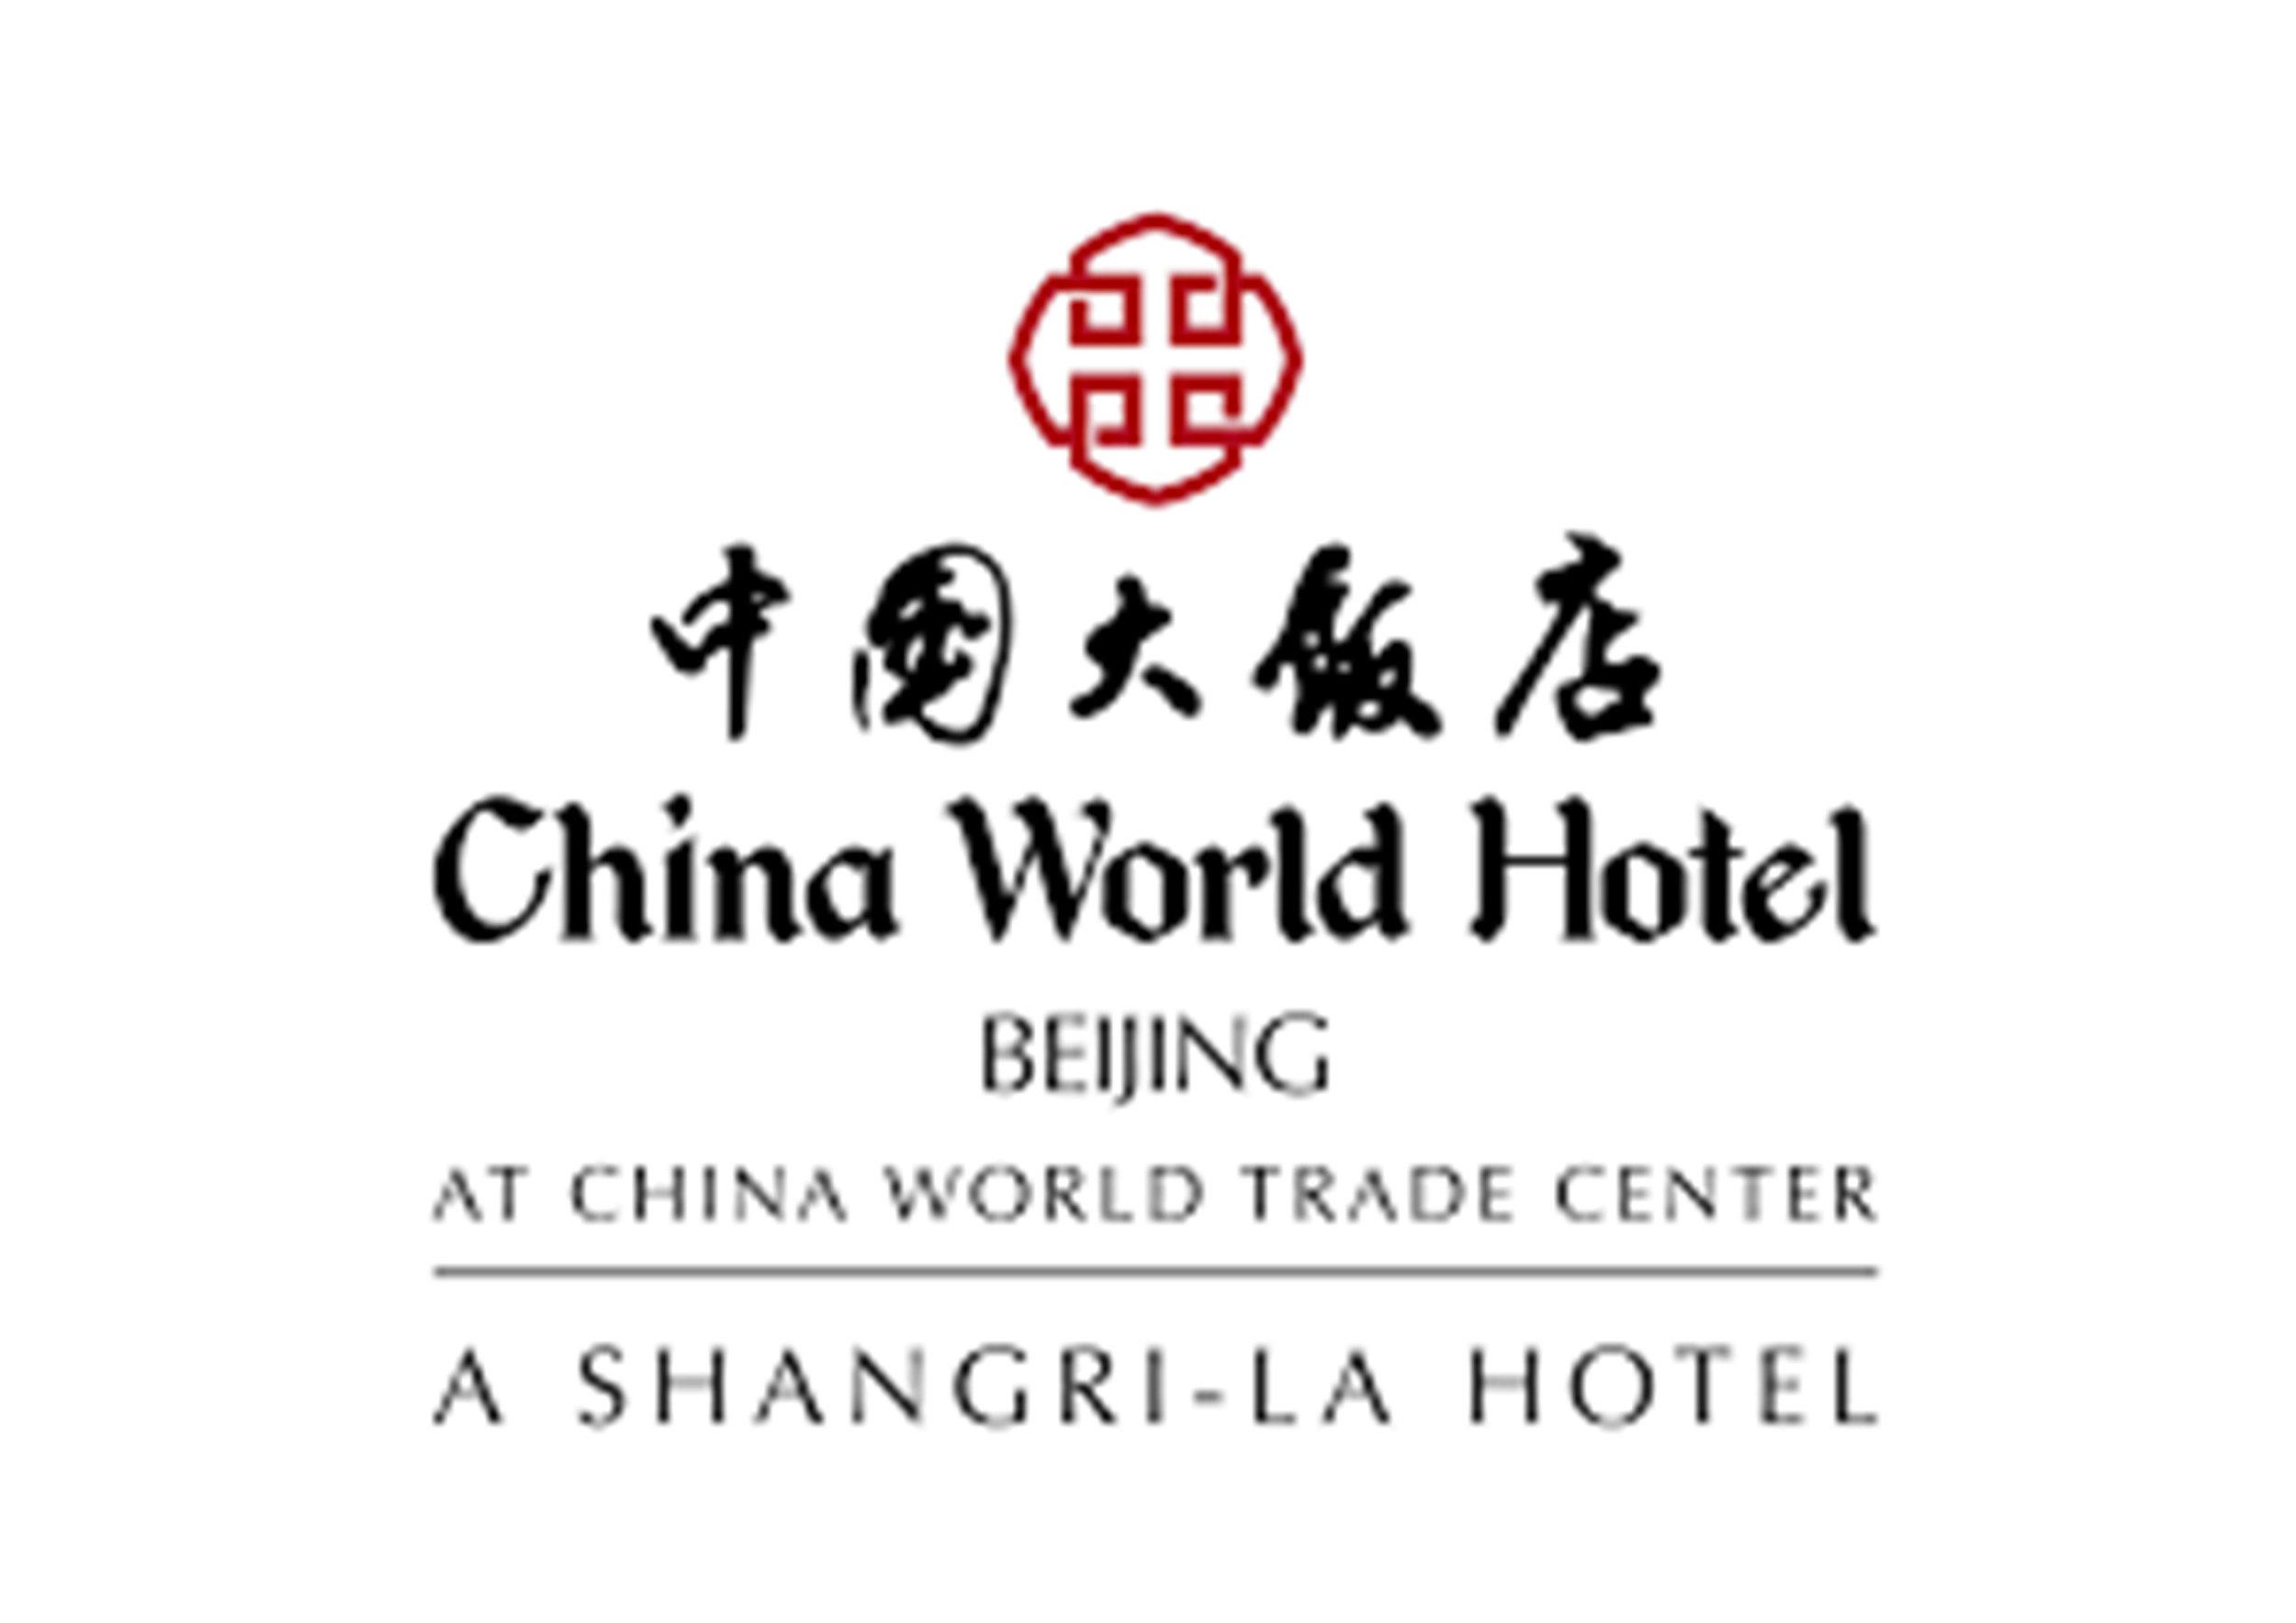 China World Hotel.jpg